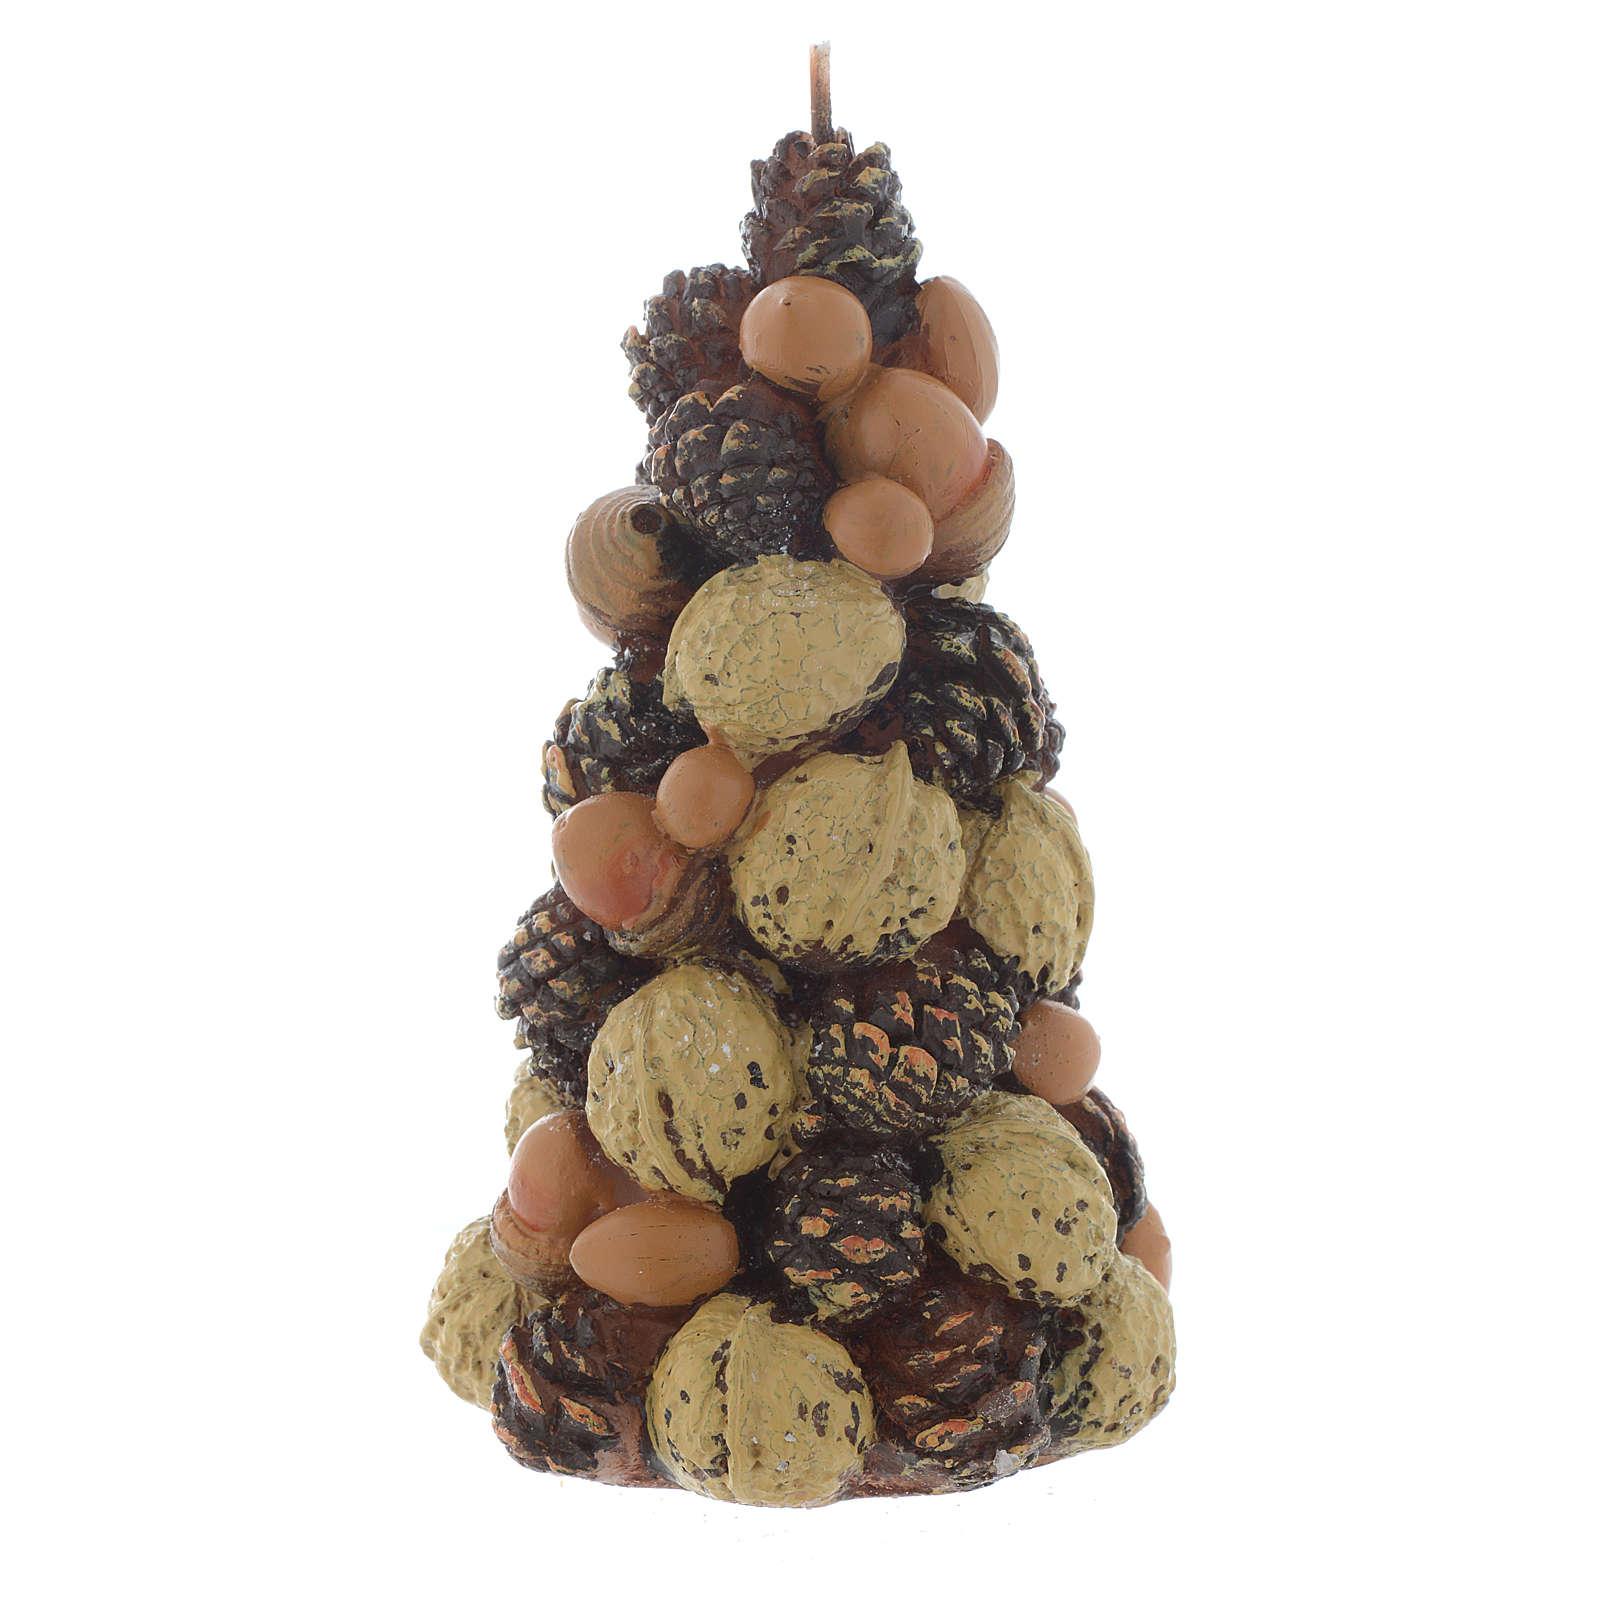 Bougie Noël sapin noix noisettes 15 cm 3